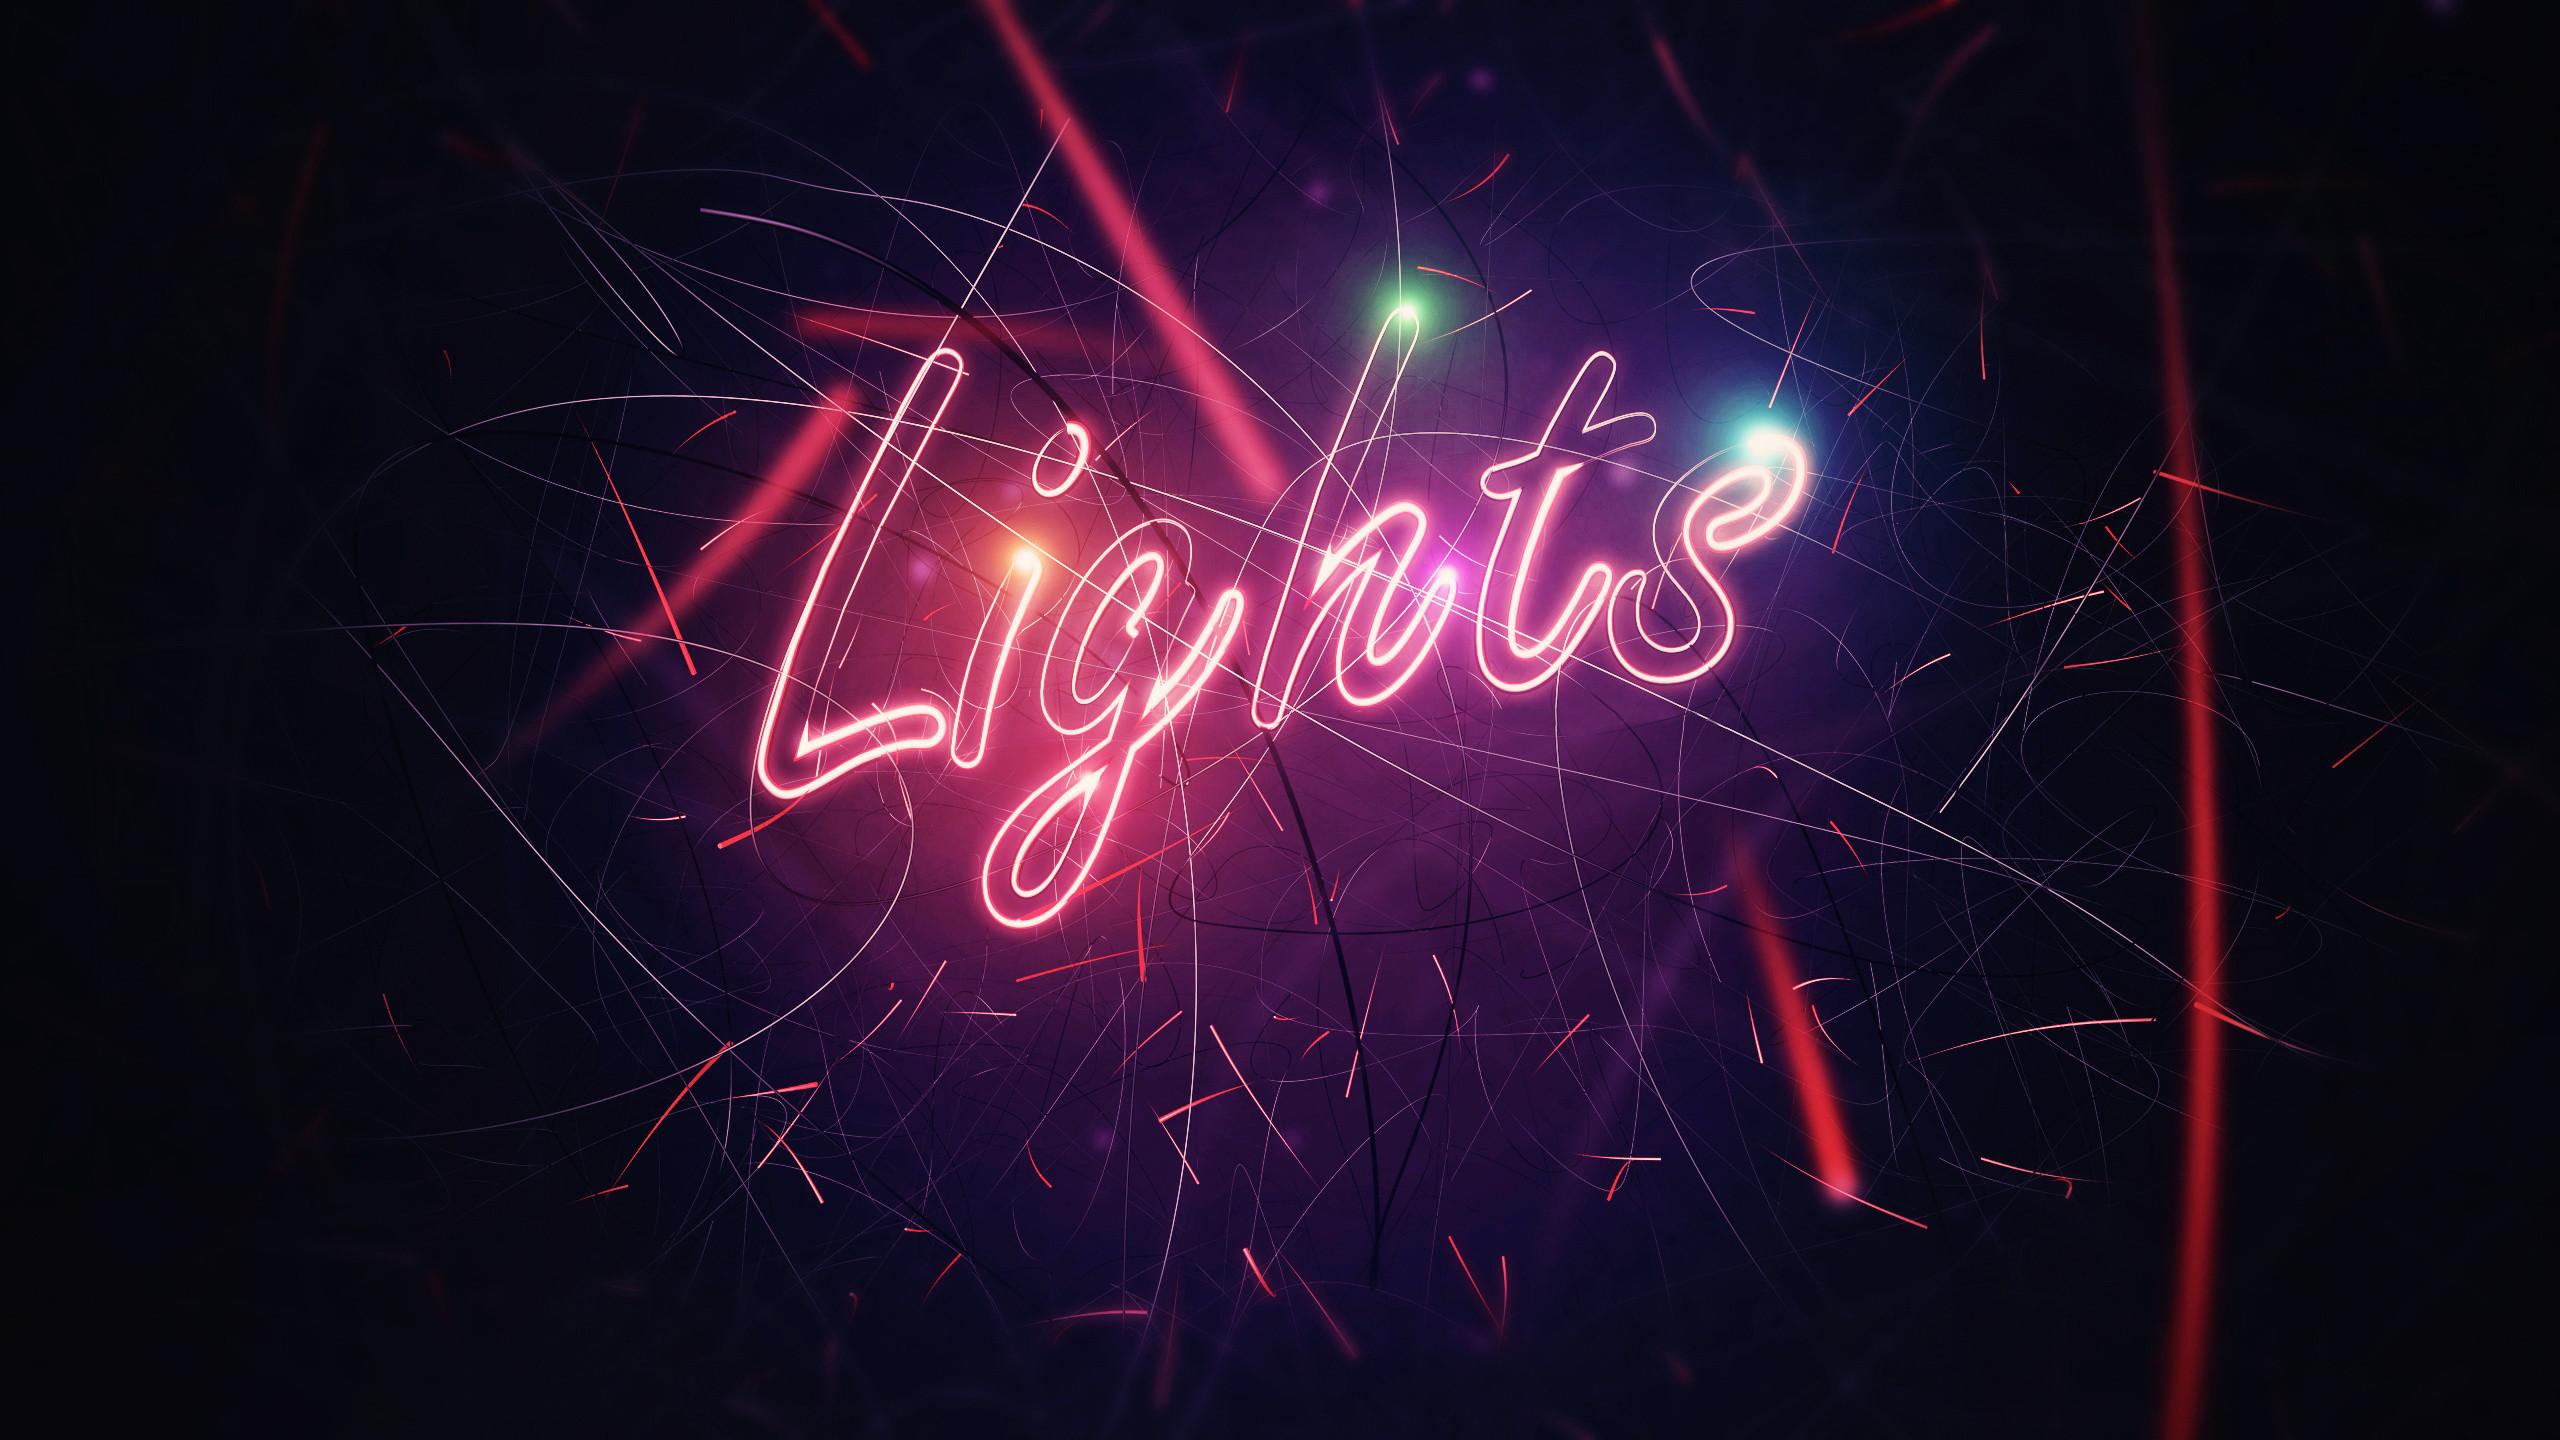 Res: 2560x1440, #neon, #digital art, #lights, #typography wallpaper